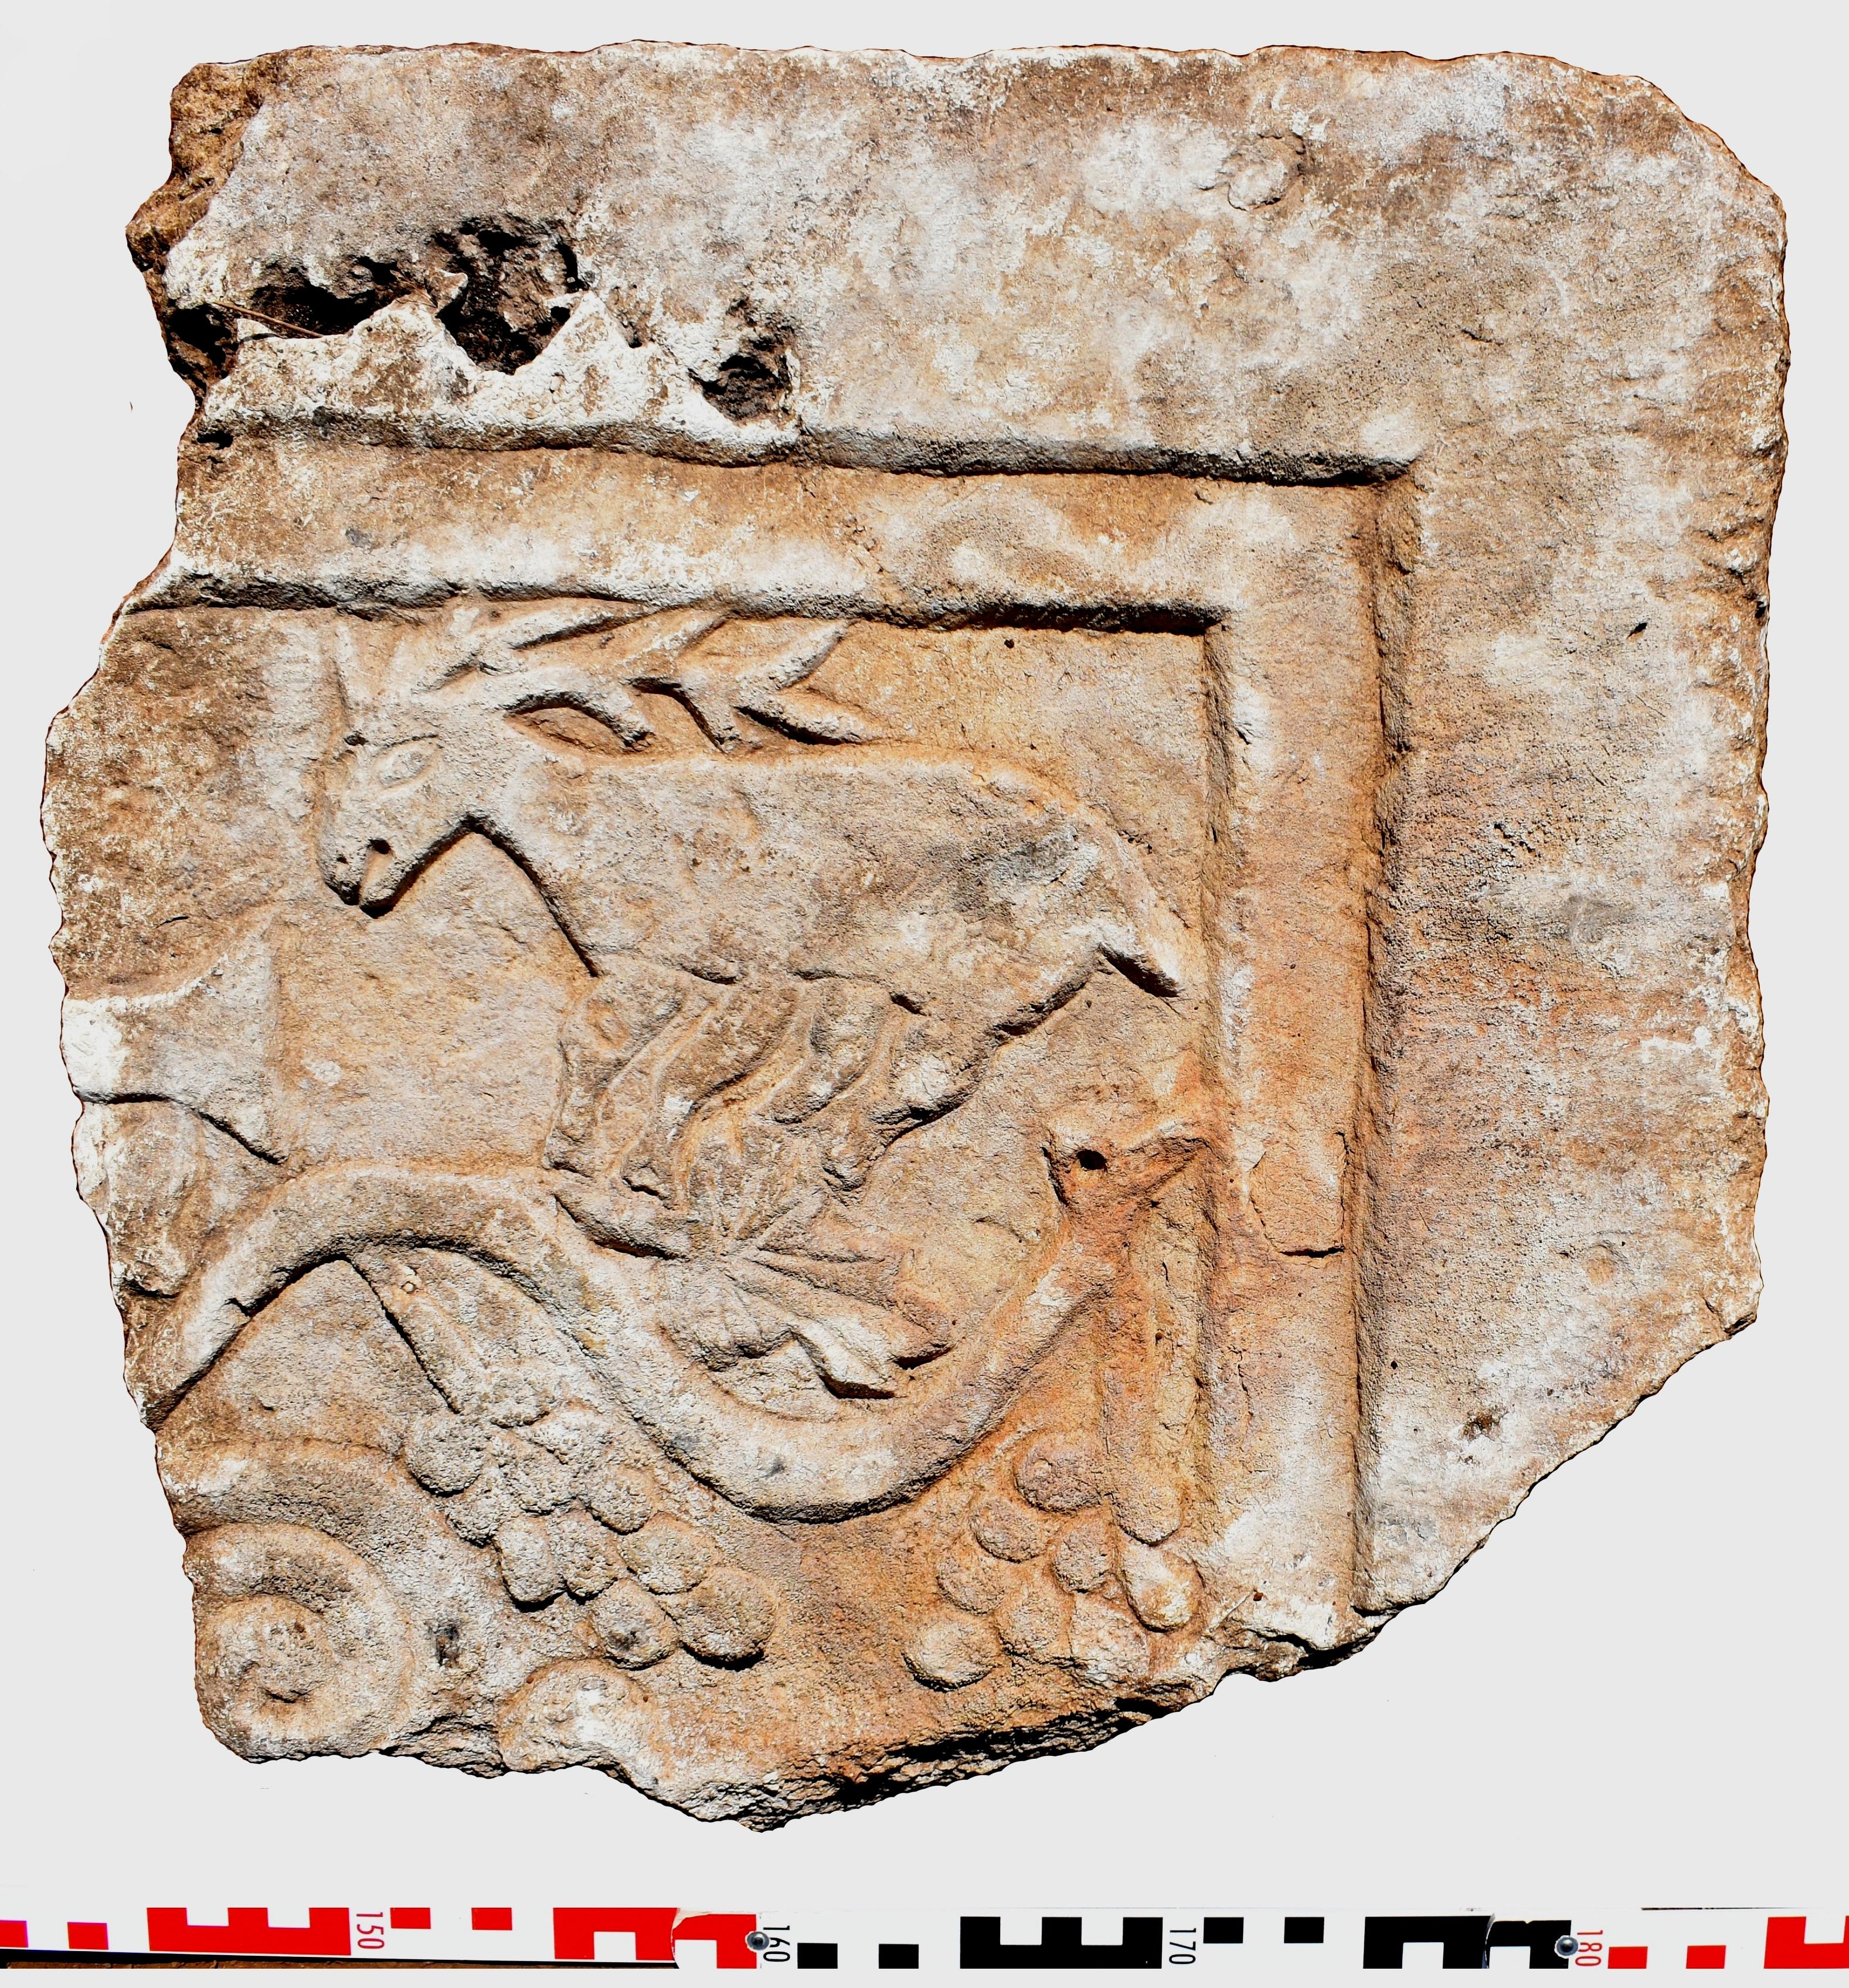 5. Pllake nga sanktuari i kishes, me kryqin, degen e hardhise dhe drerin